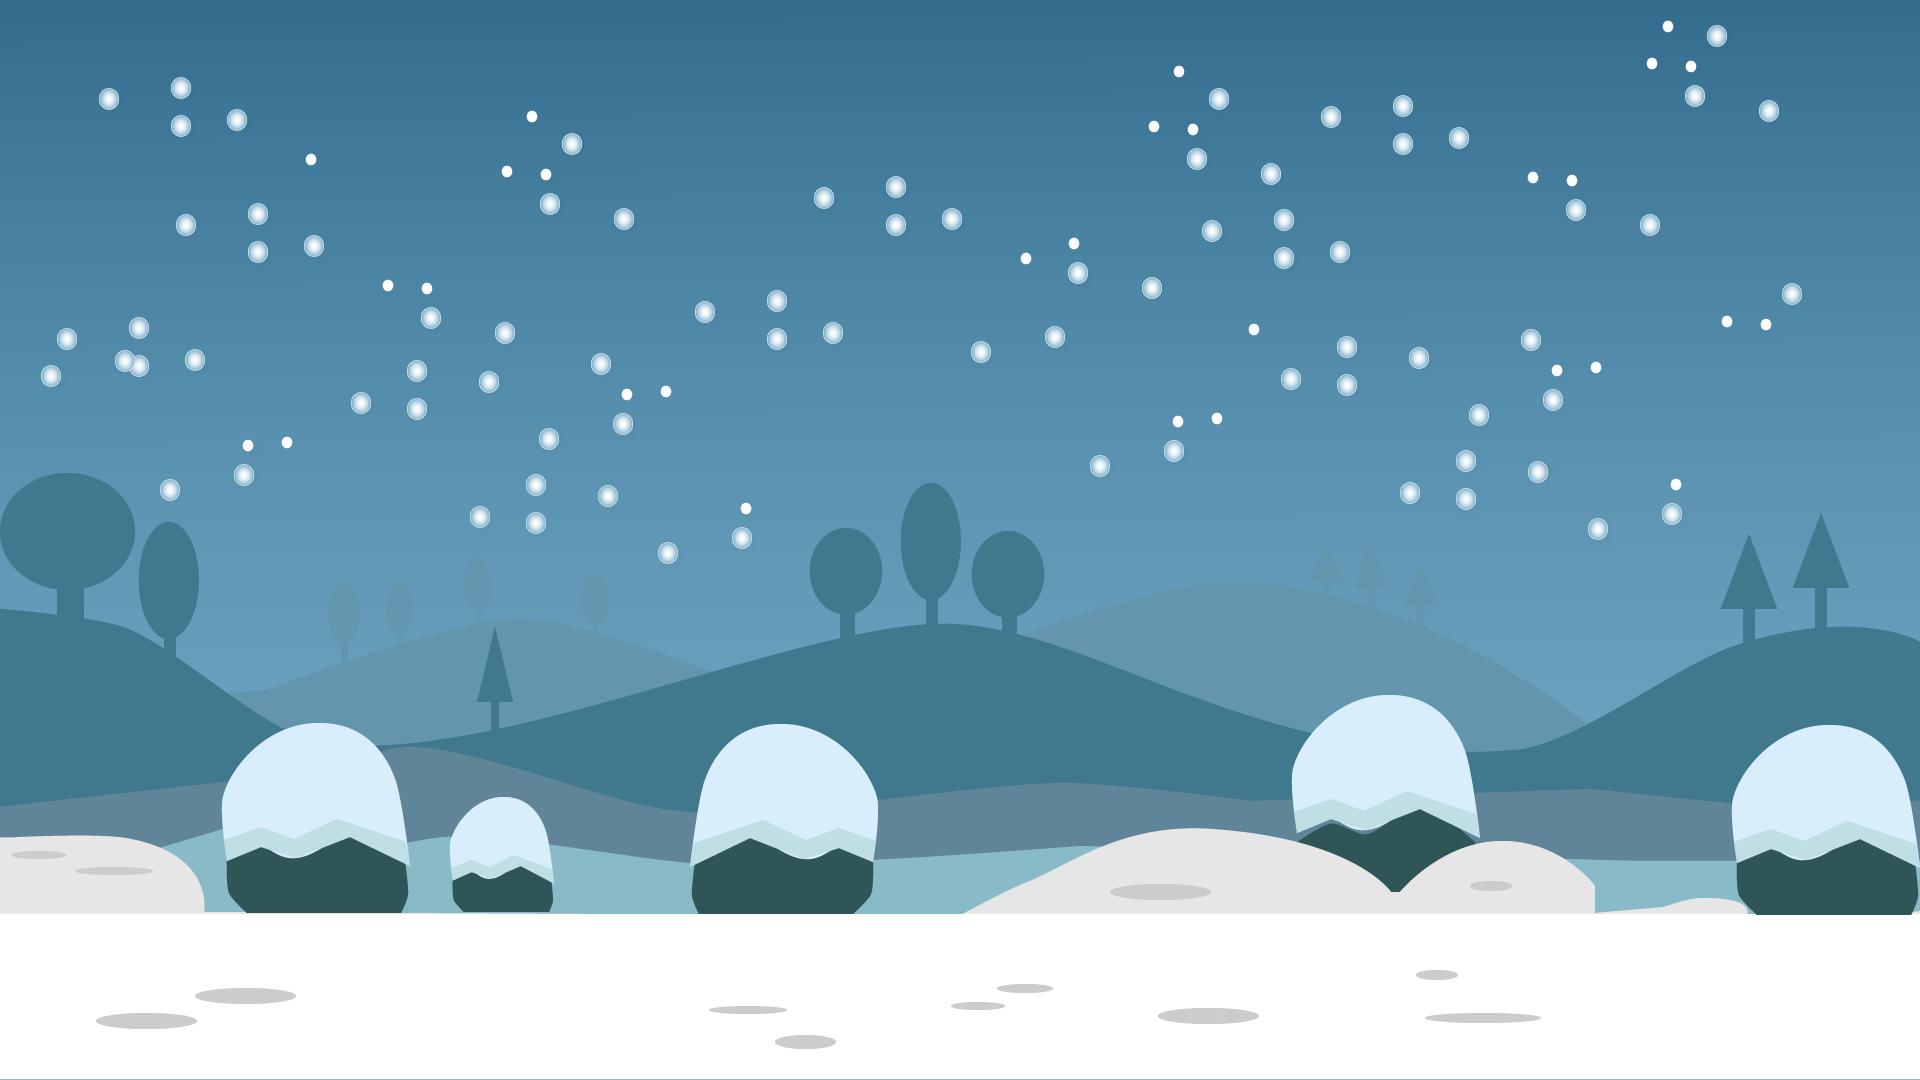 Winter clipart scene. Free landscape cliparts download